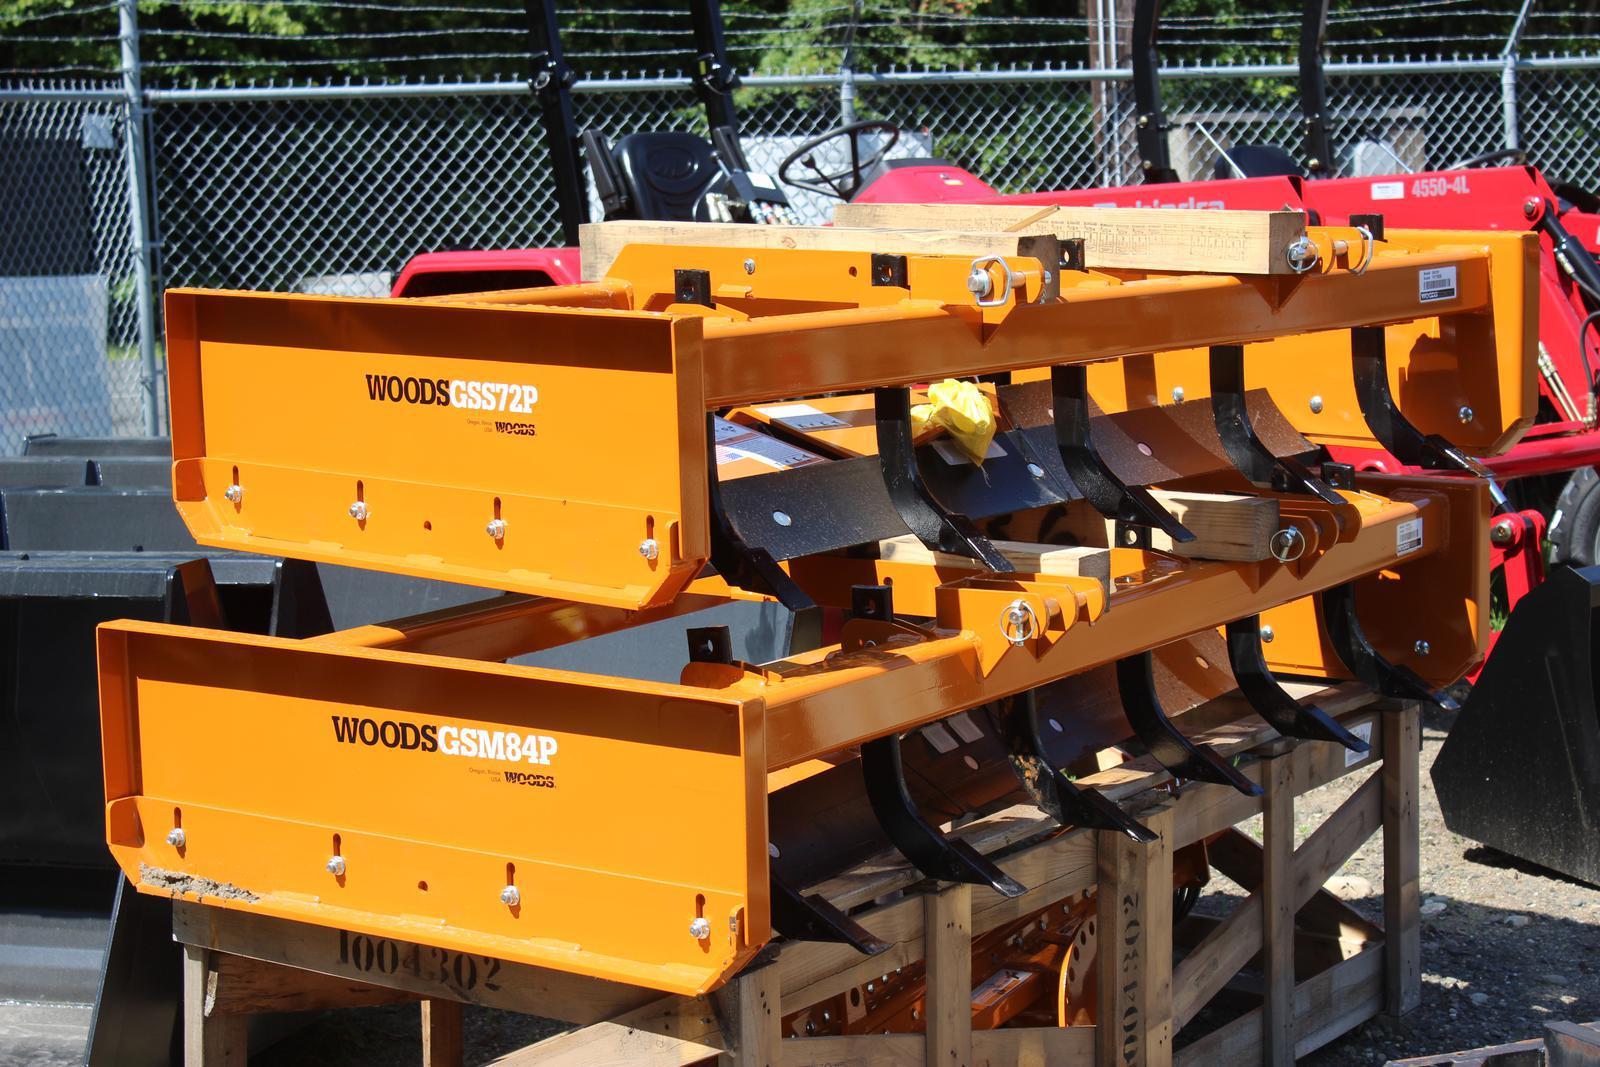 Woods BSS72 Box Scraper for sale in Belchertown, MA